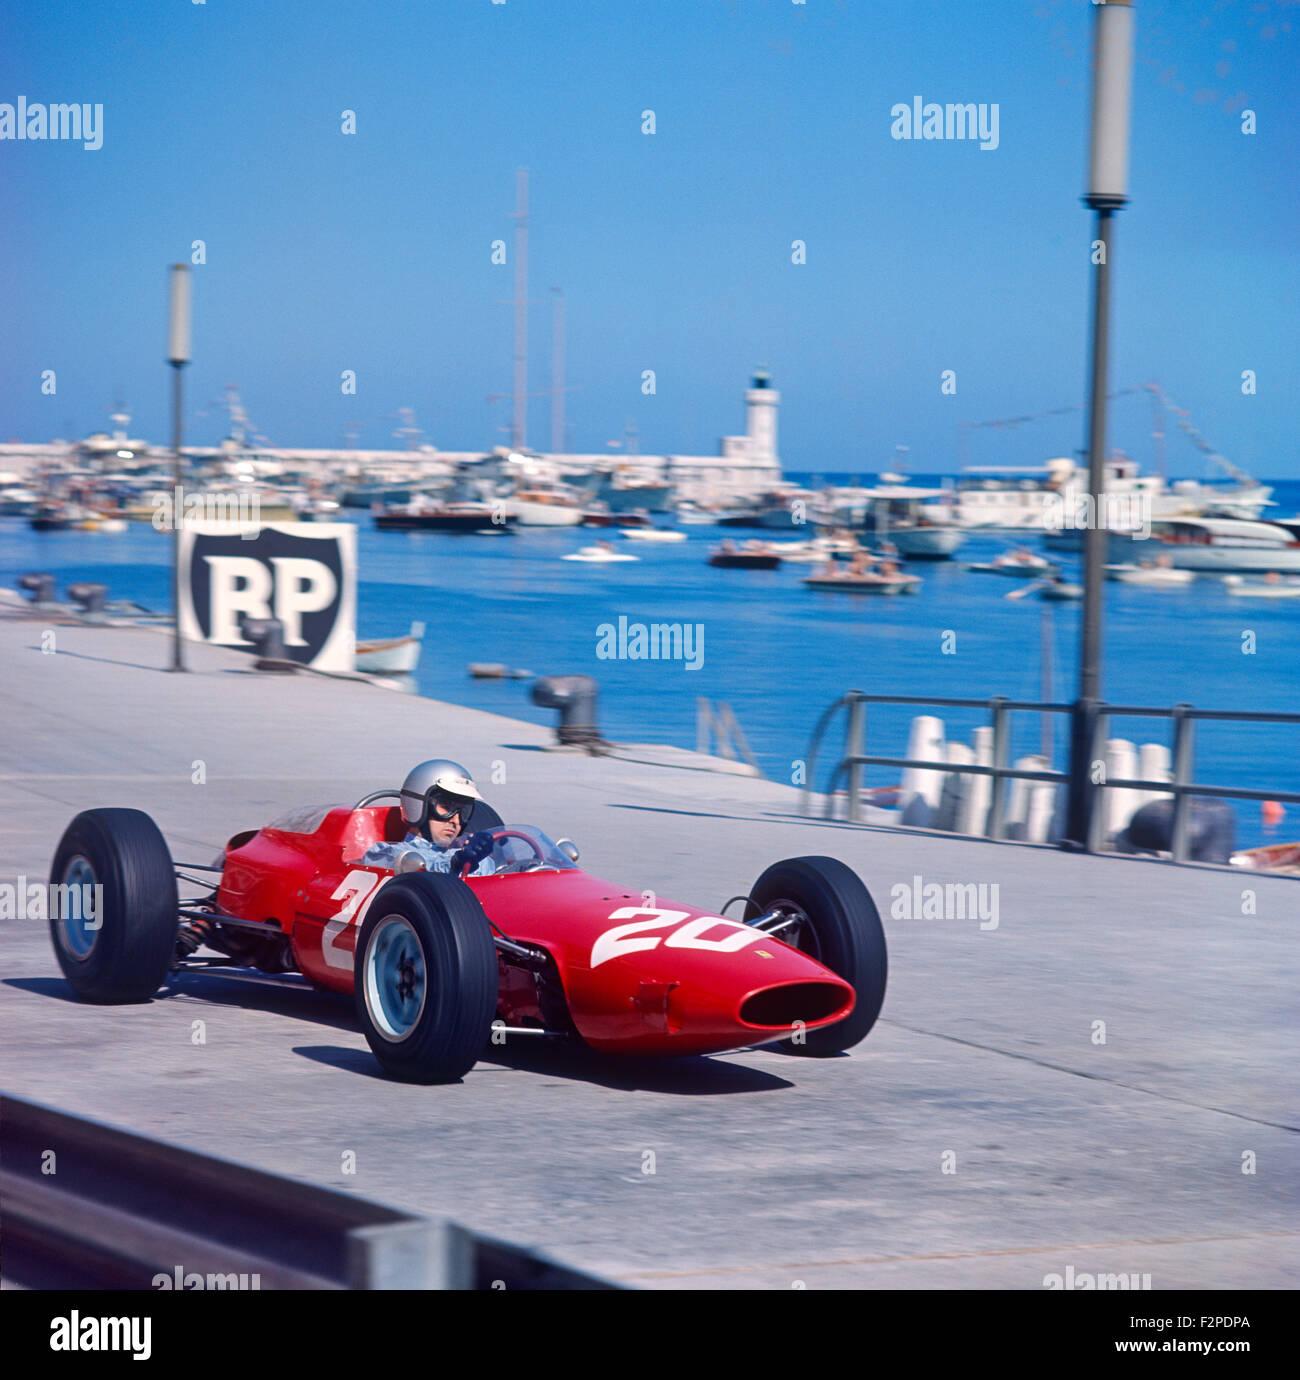 Lorenzo Bandini in a Ferrari 156 in the Monaco GP 10 May 1964 - Stock Image